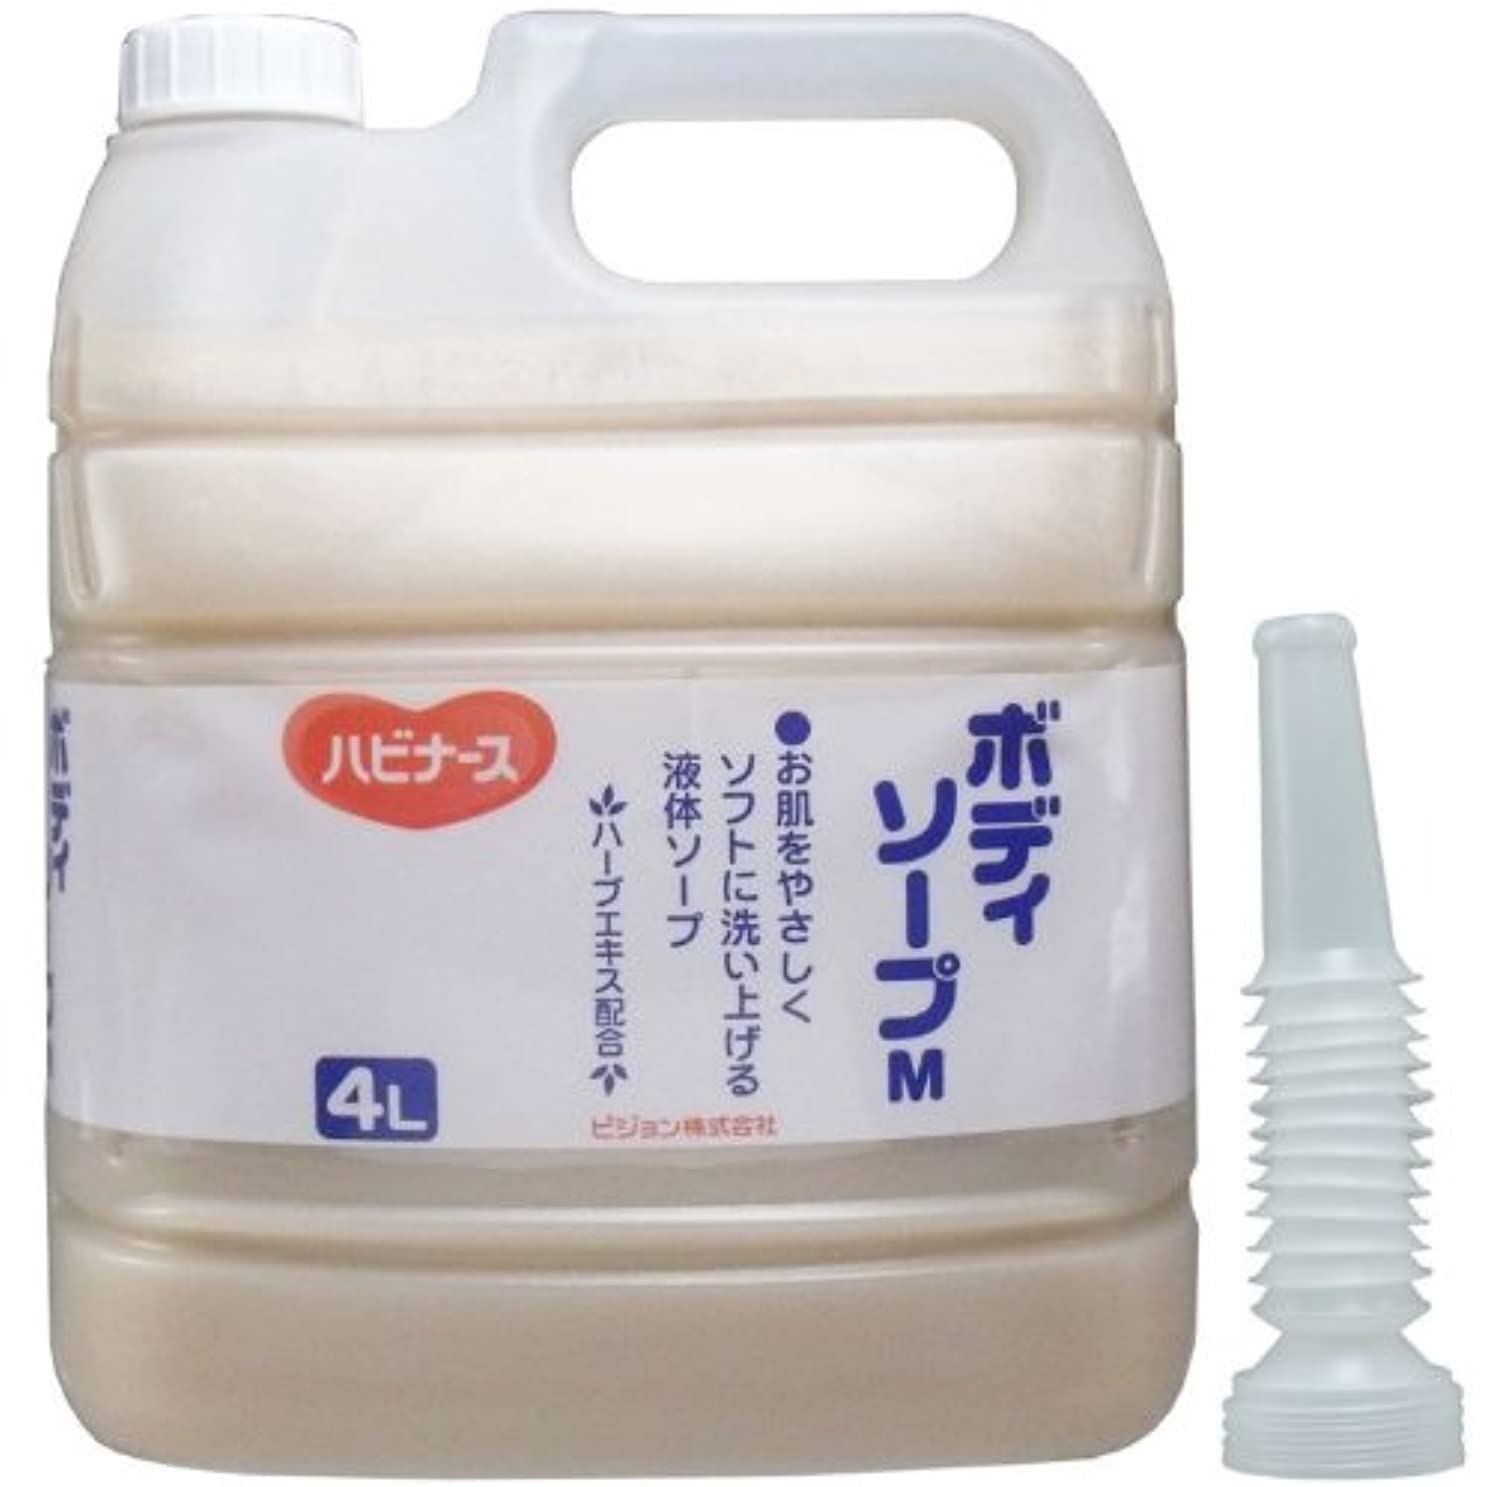 くつろぐ過剰保持液体ソープ ボディソープ 風呂 石ケン お肌をやさしくソフトに洗い上げる!業務用 4L【4個セット】